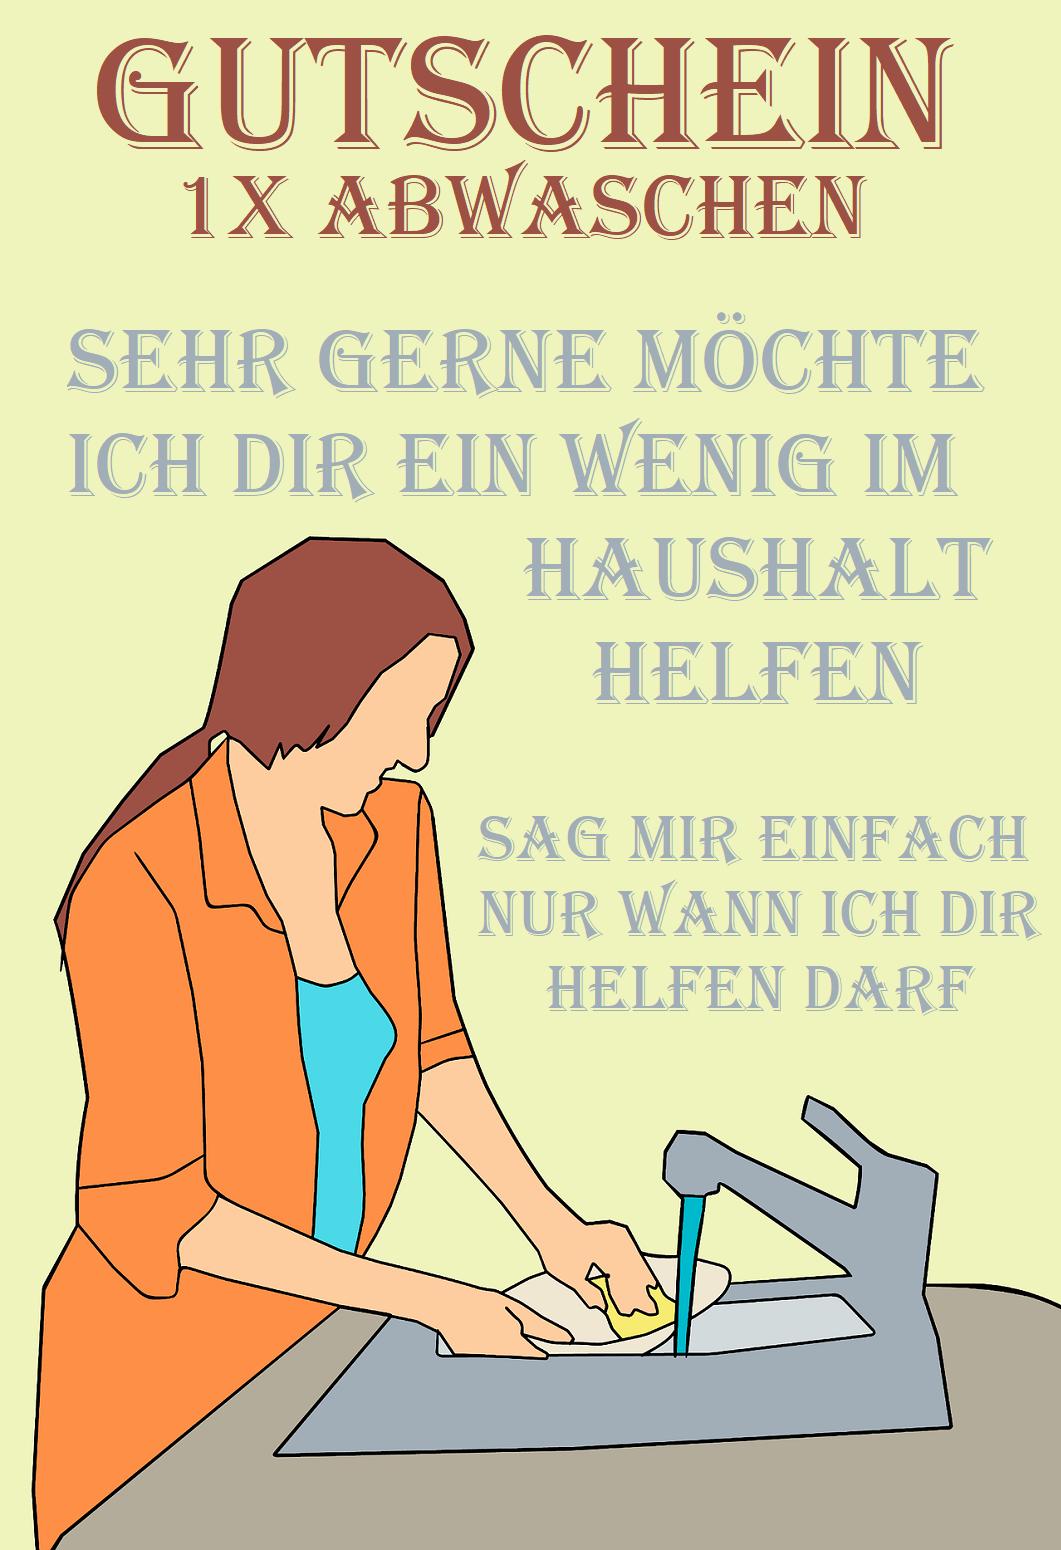 Gutscheinvorlage Furs Abwaschen Gutschein Vorlage Verschenken Gutscheine